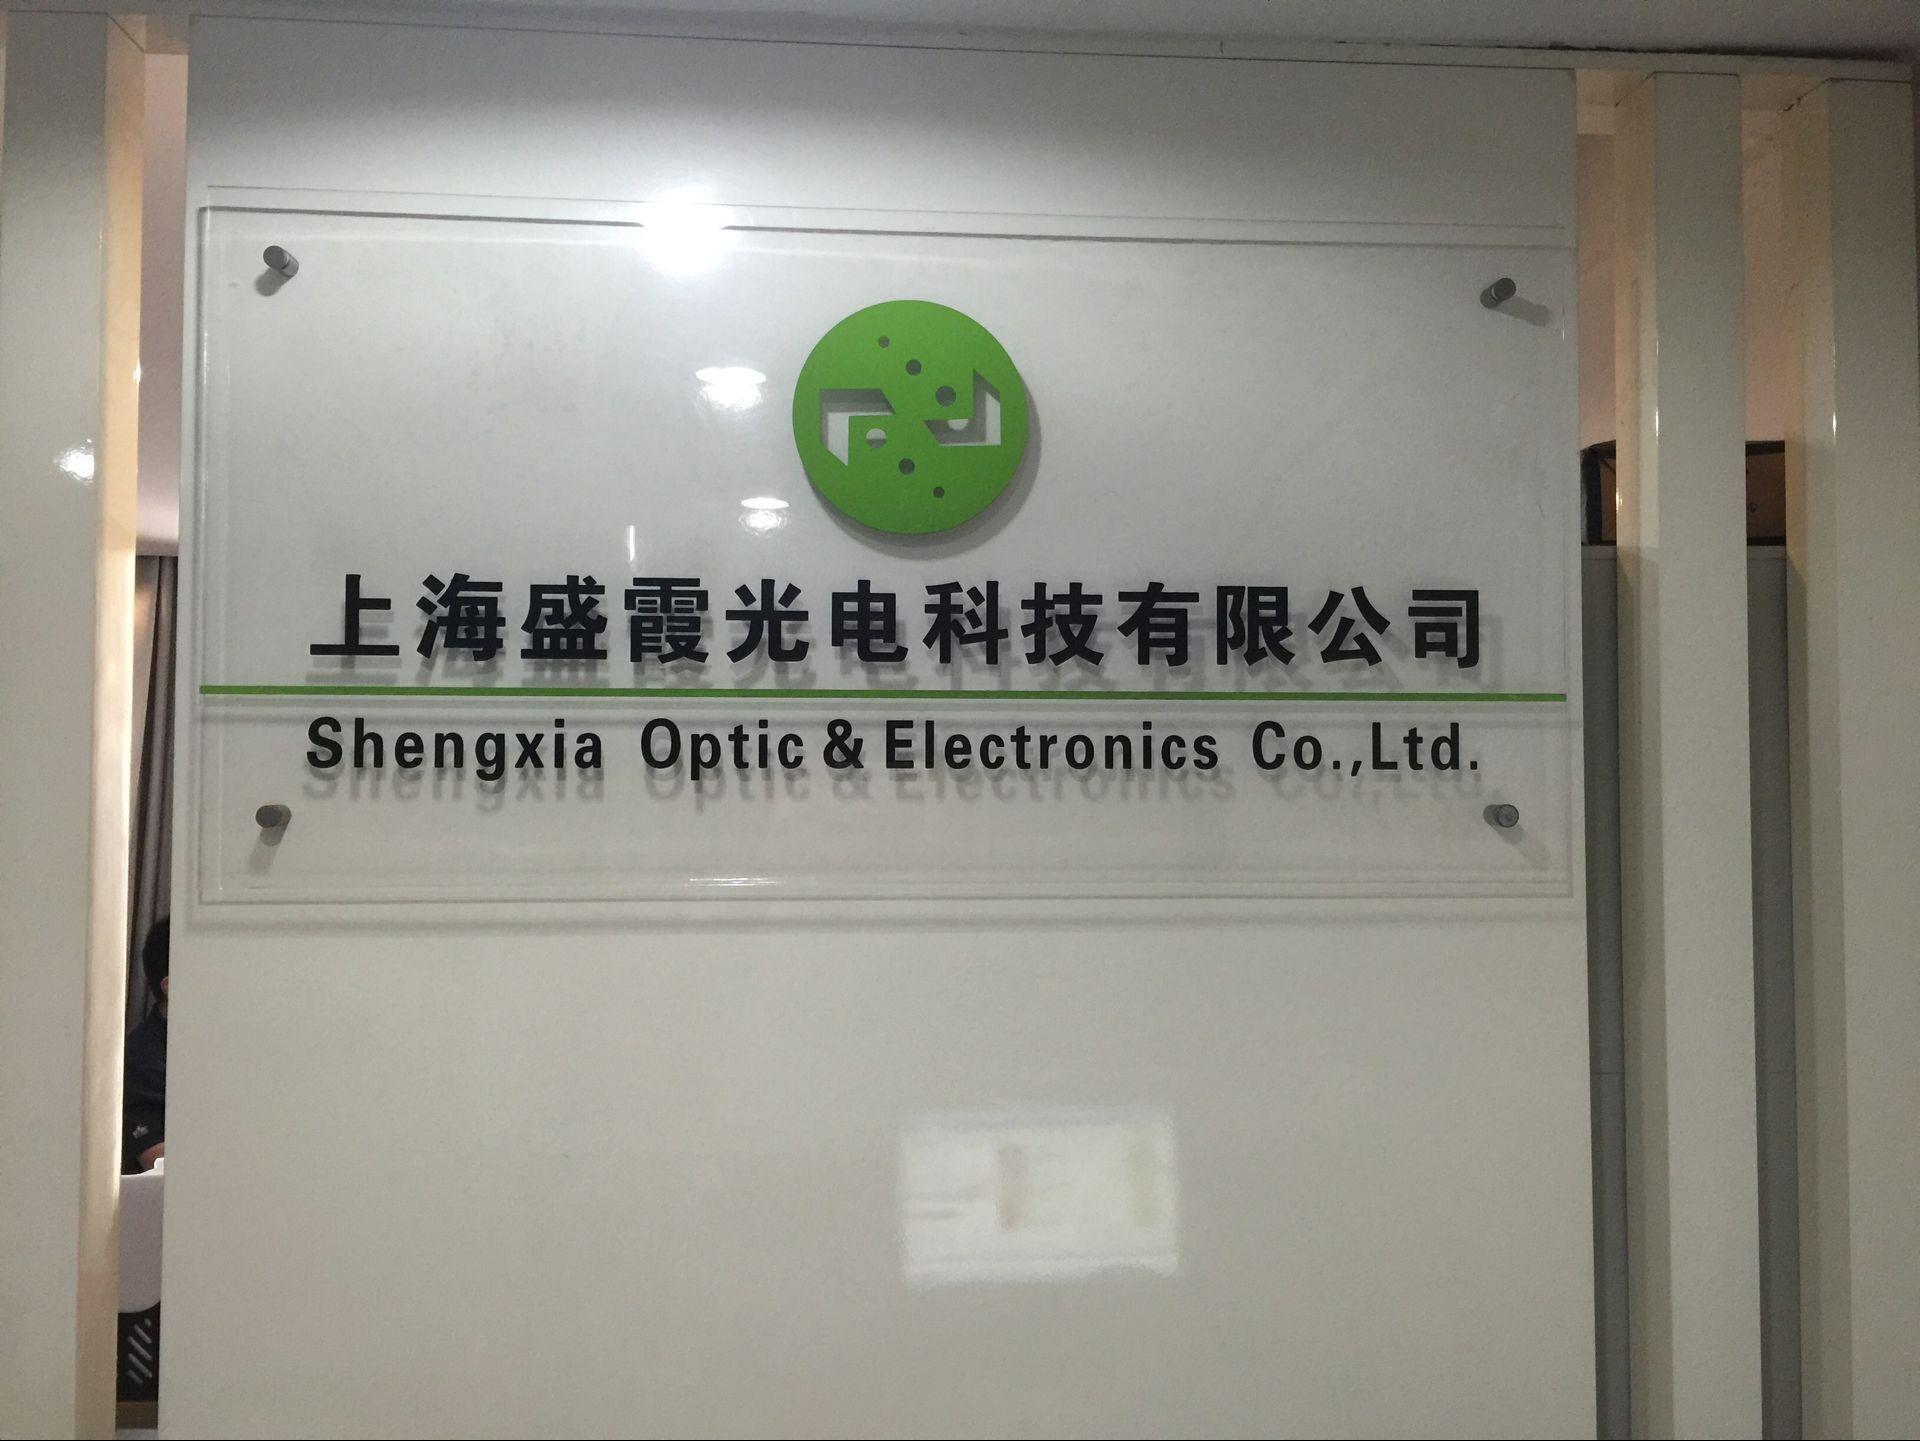 上海盛霞光电科技有限公司迁址公告